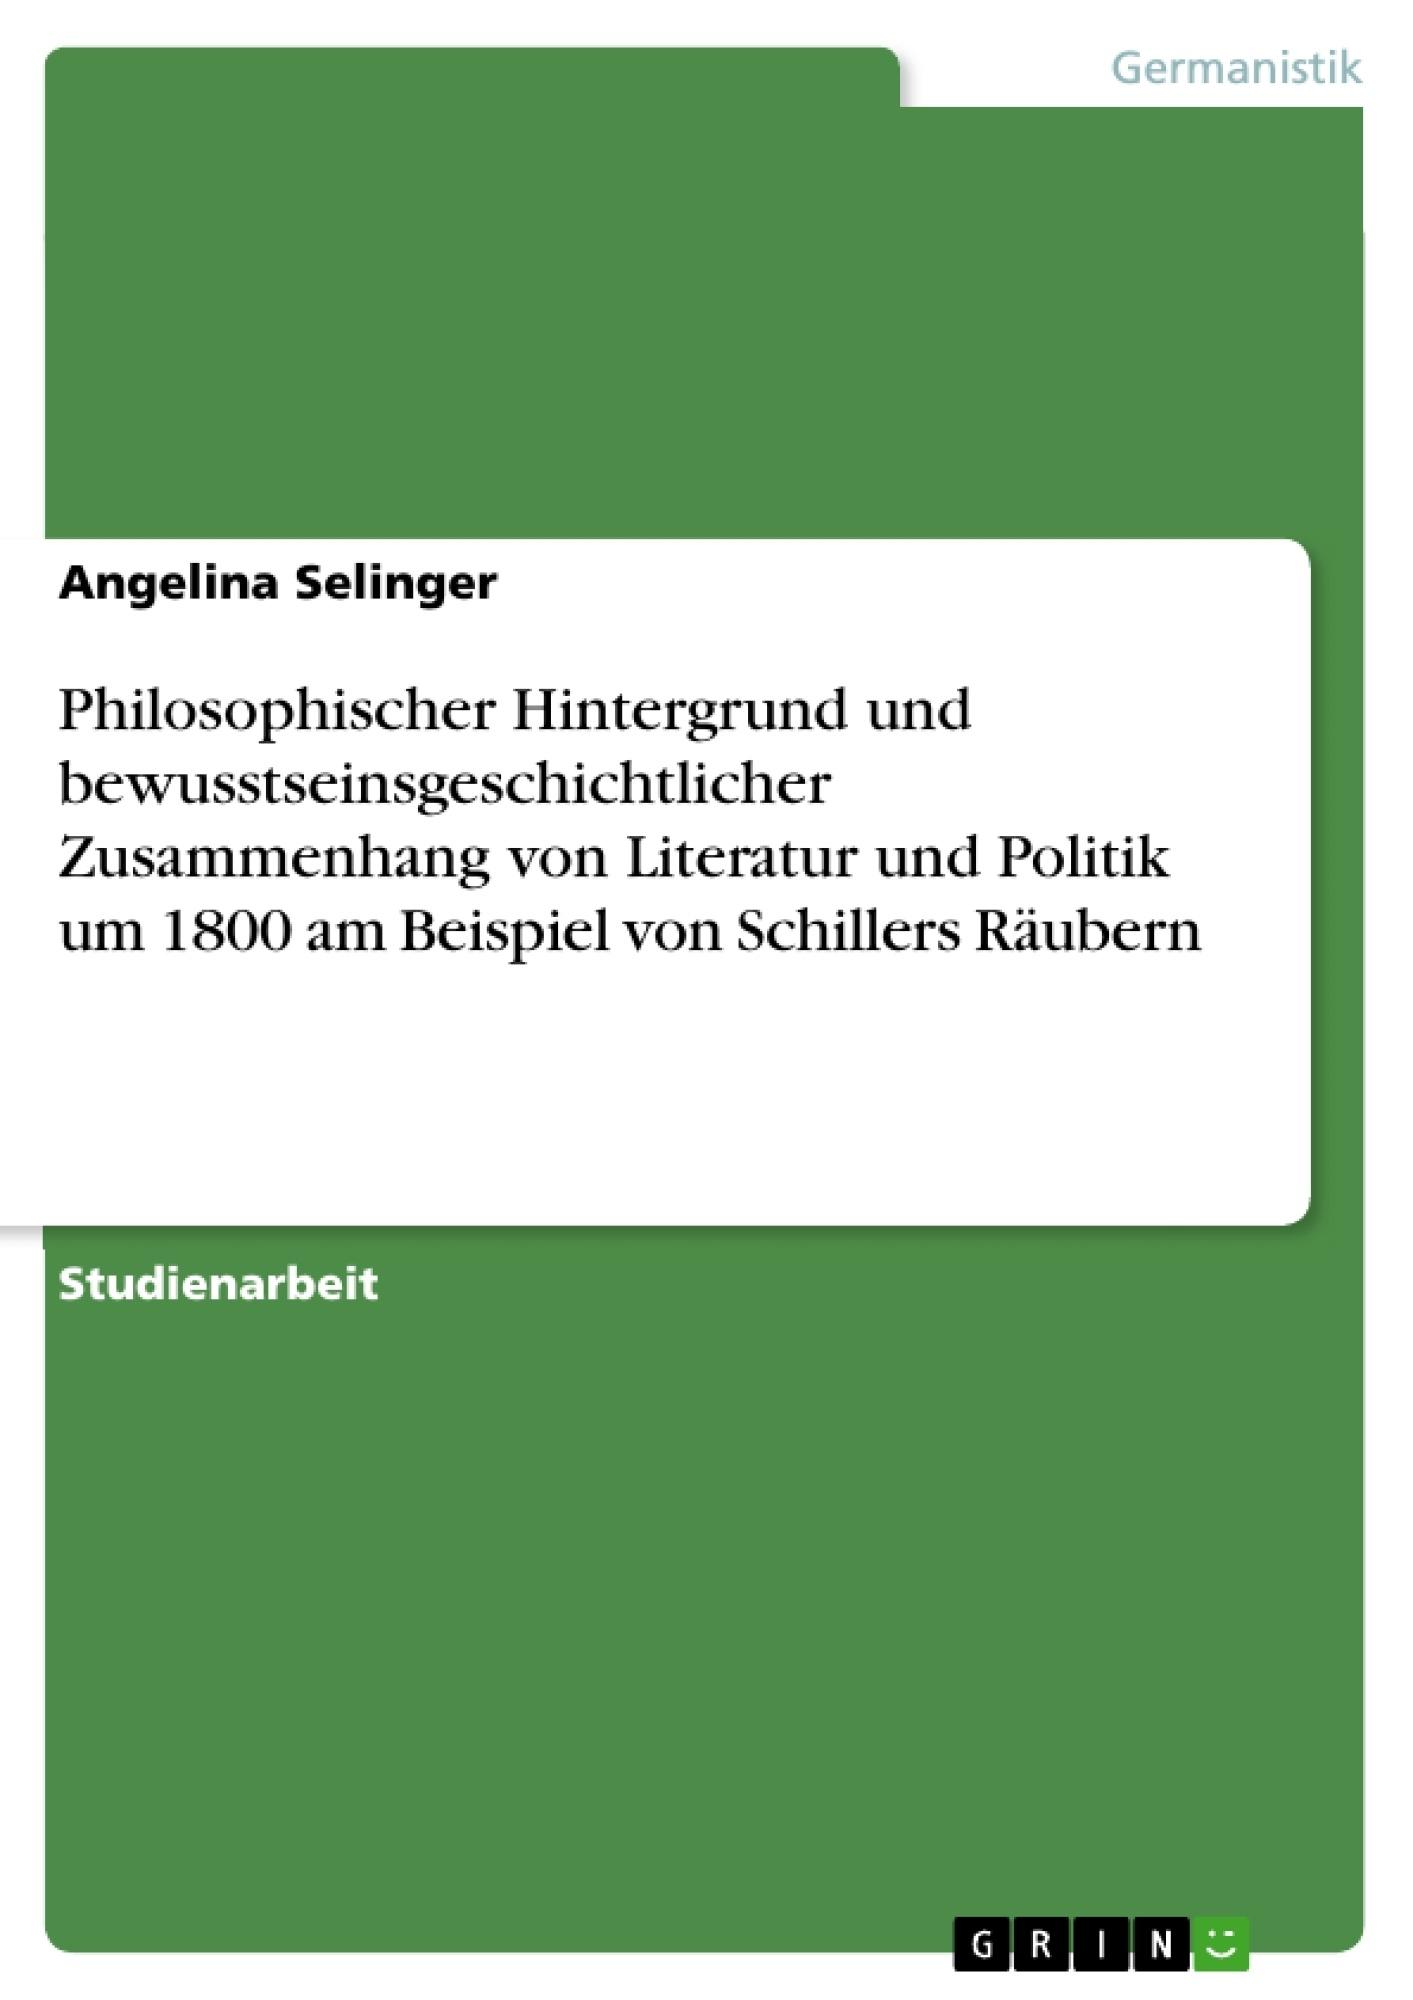 Titel: Philosophischer Hintergrund und bewusstseinsgeschichtlicher Zusammenhang von Literatur und Politik um 1800 am Beispiel von Schillers Räubern